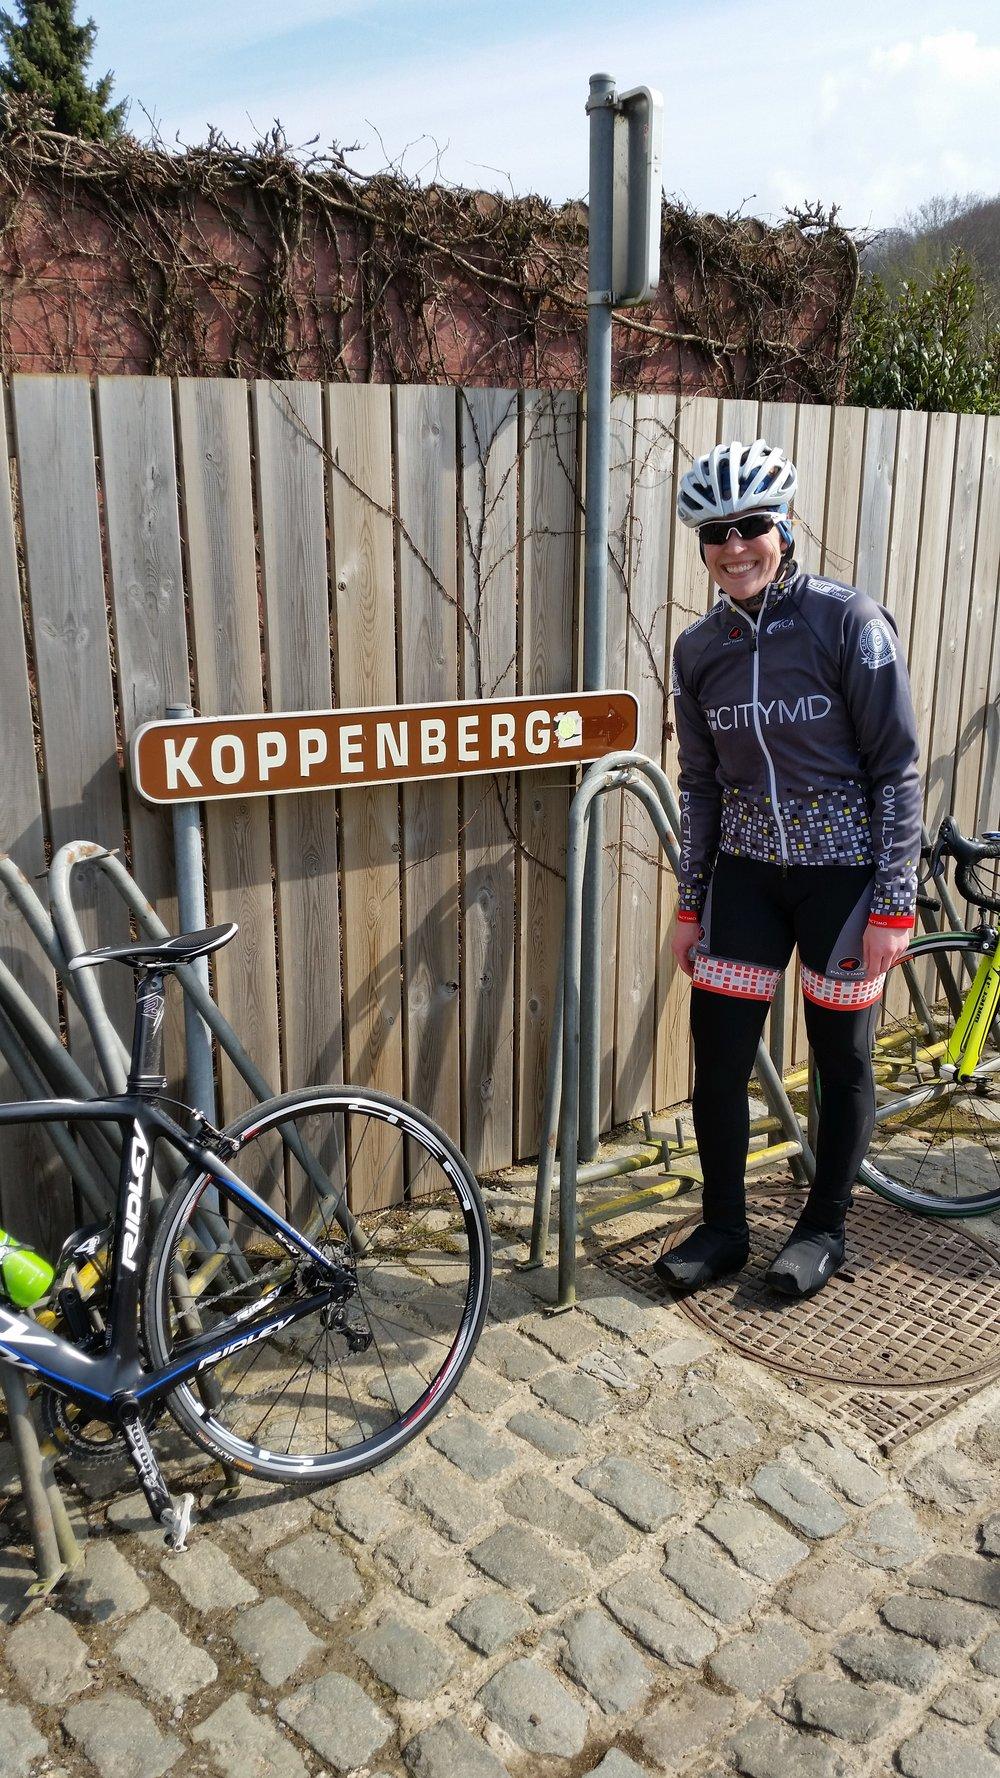 Flanders_koppenberg_Renee.jpg